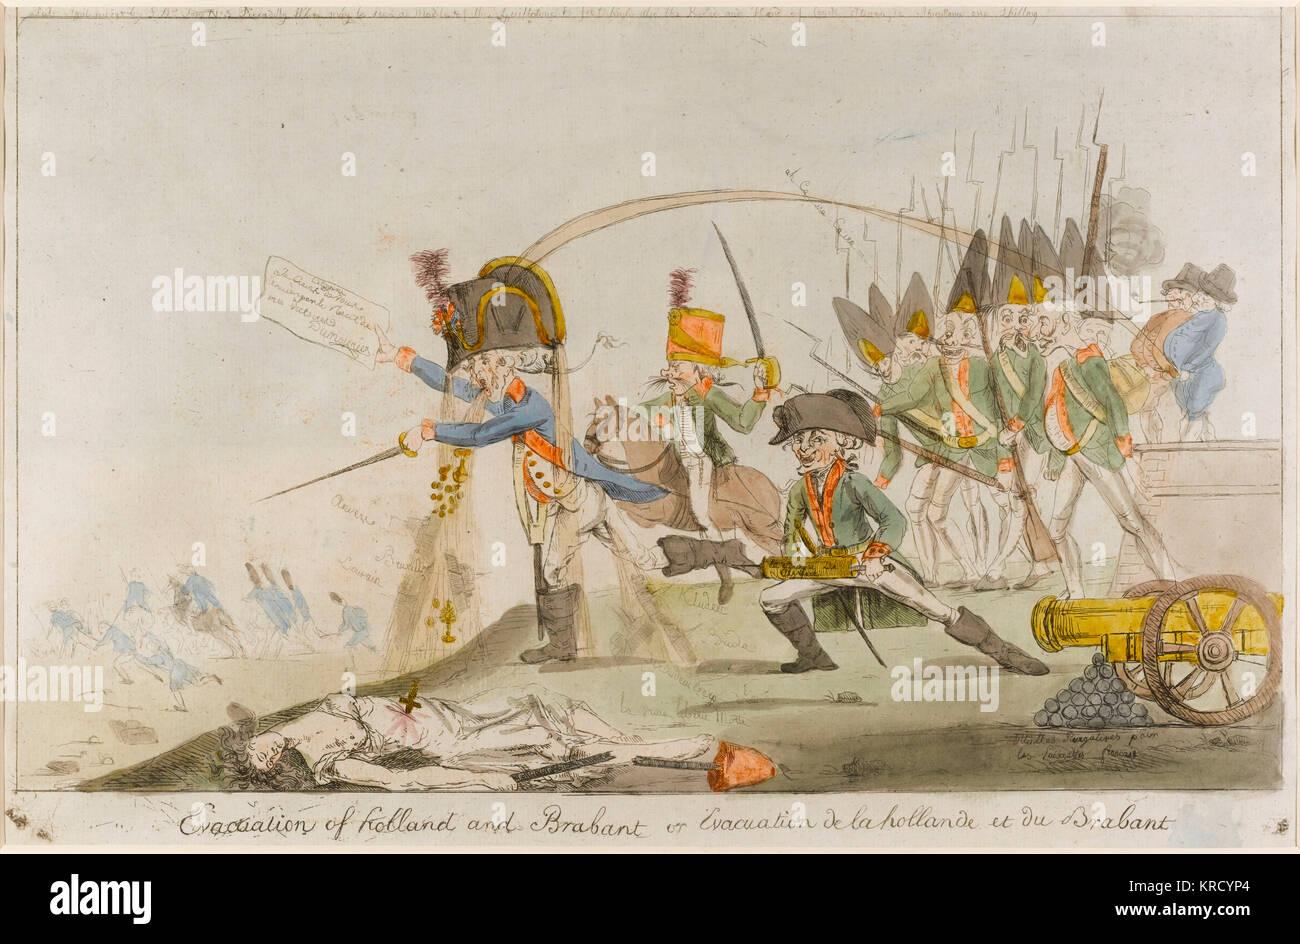 Satirische Karikatur, Evakuierung von Holland und Brabant. Übersicht Allgemeine Charles-Francois Dumouriez Stockbild